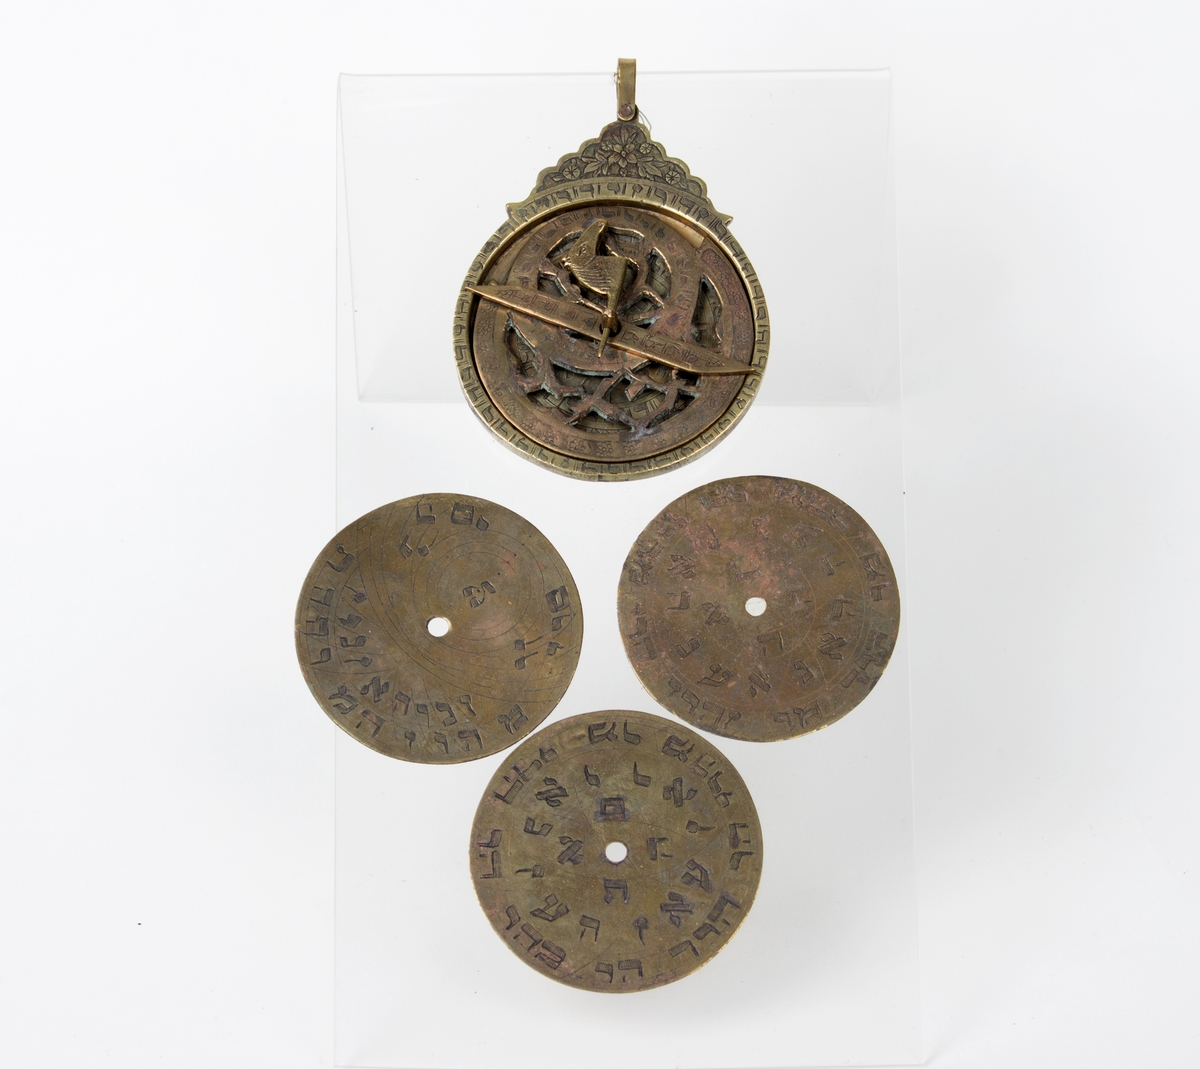 Astrolabium i messing i åtte deler med hebraisk skrifttegn: 5 skiver, 1 viser, 1 stift, 1 pinn m/hestehode. 3 av disse skivene er utstilt sammen med astrolabien.De sirkelformede messingplatene kan skiftes ut og dreies rundt.